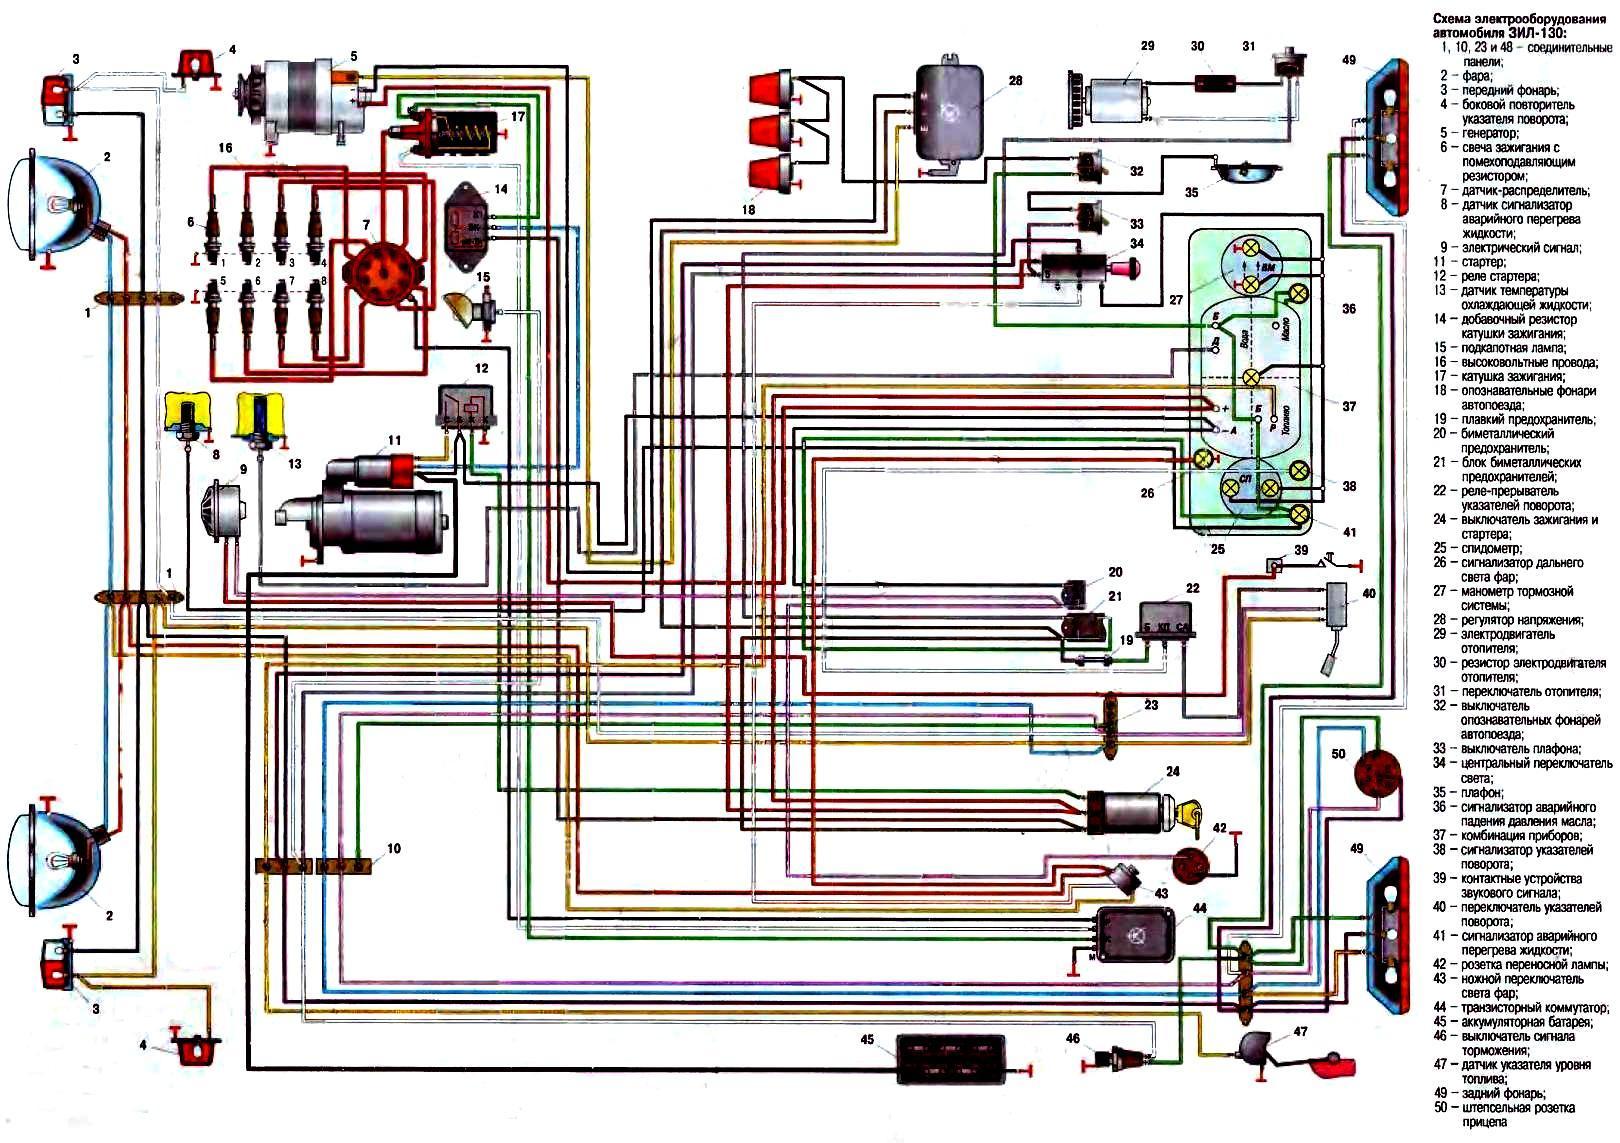 Газ 66 цветная схема электрооборудования